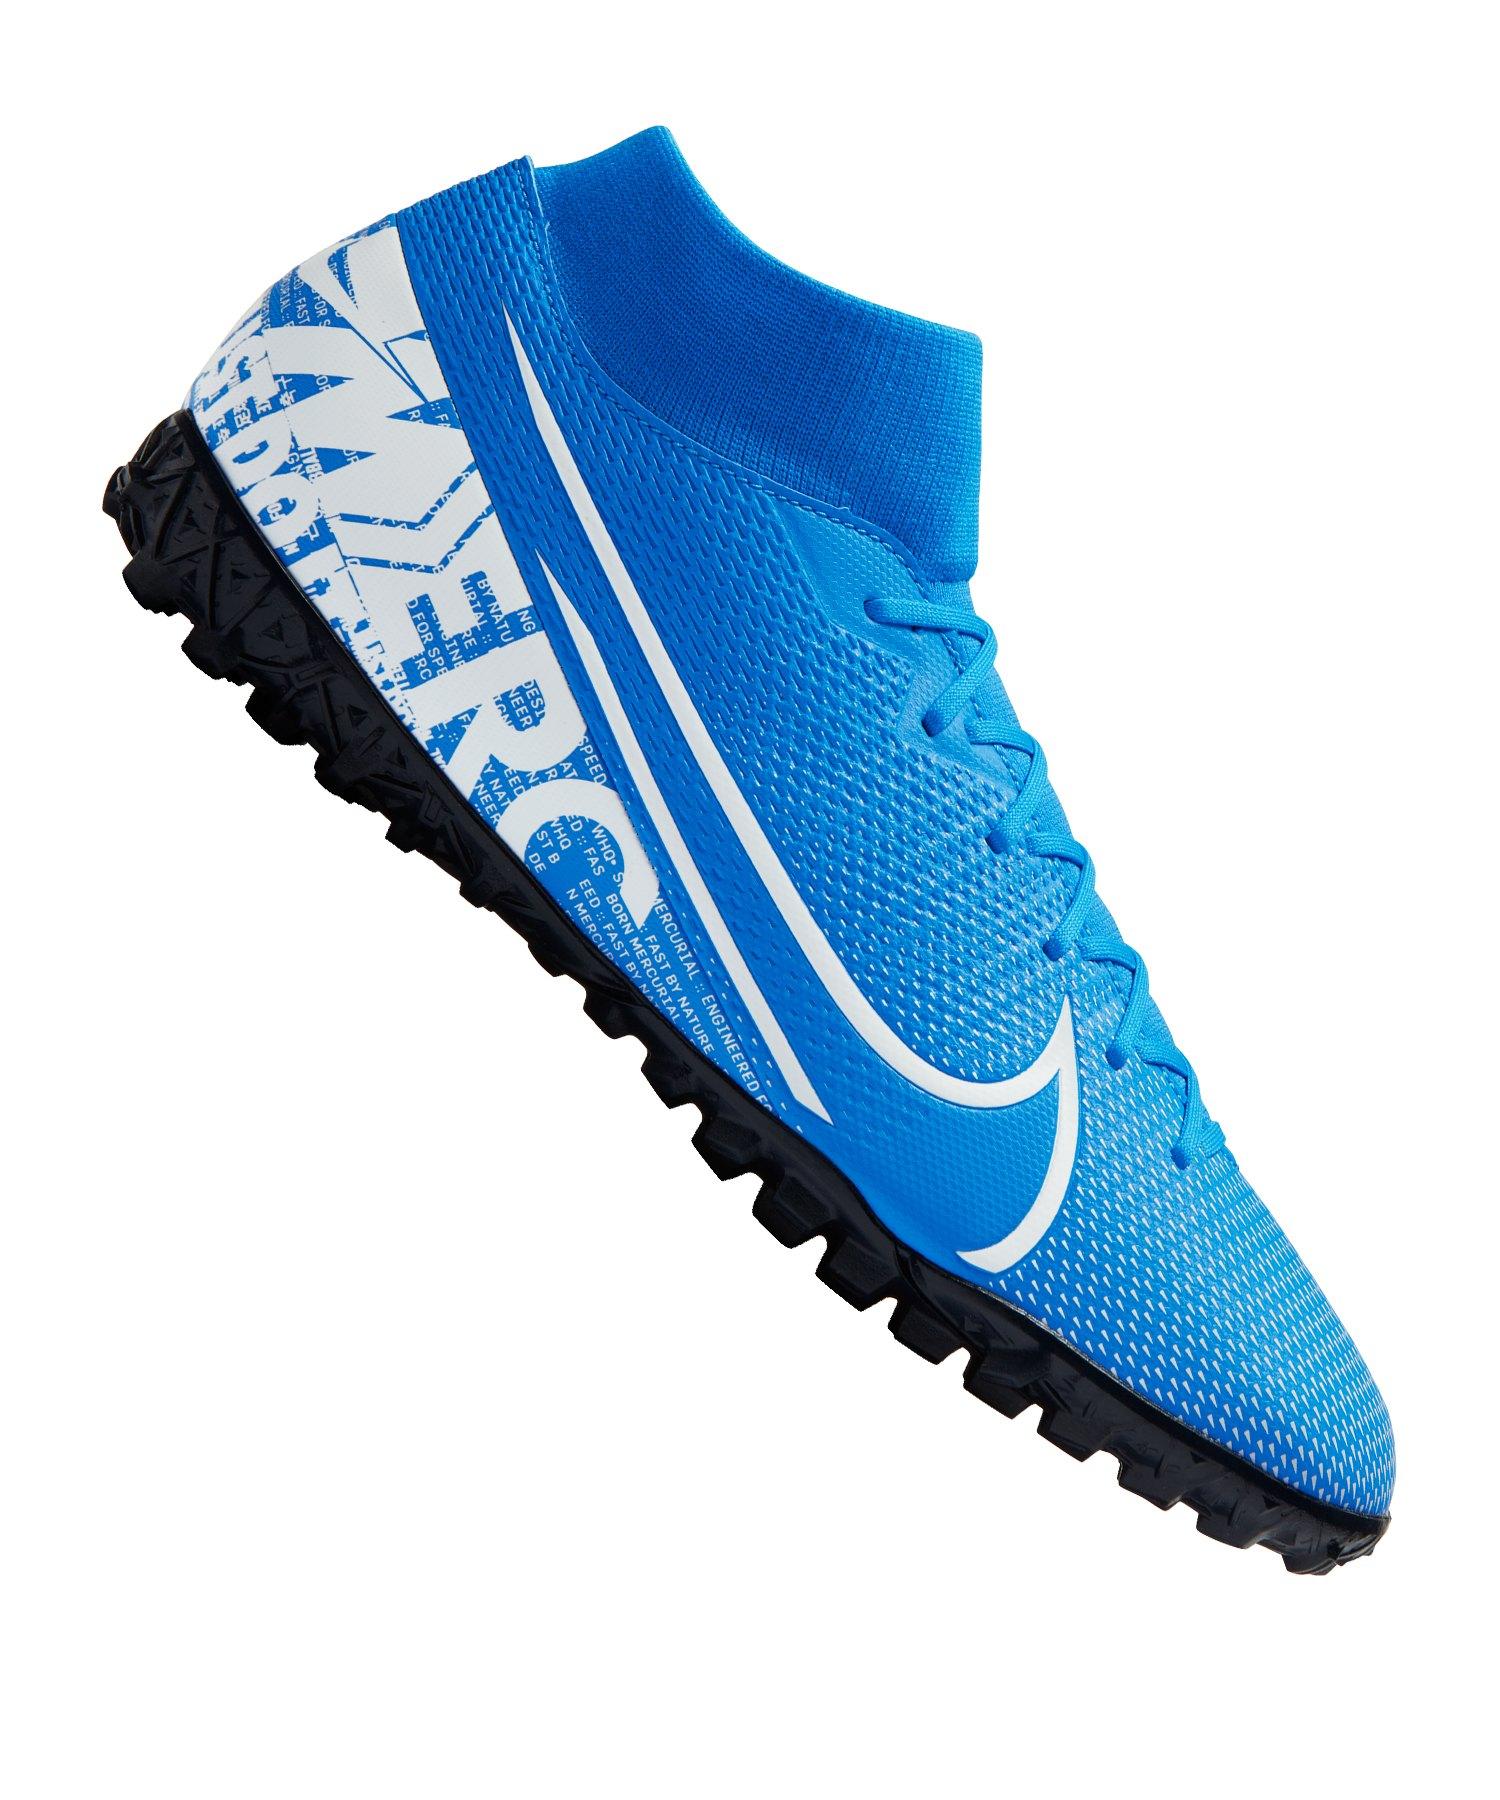 Nike Mercurial Superfly VII Academy TF Blau F414 - blau